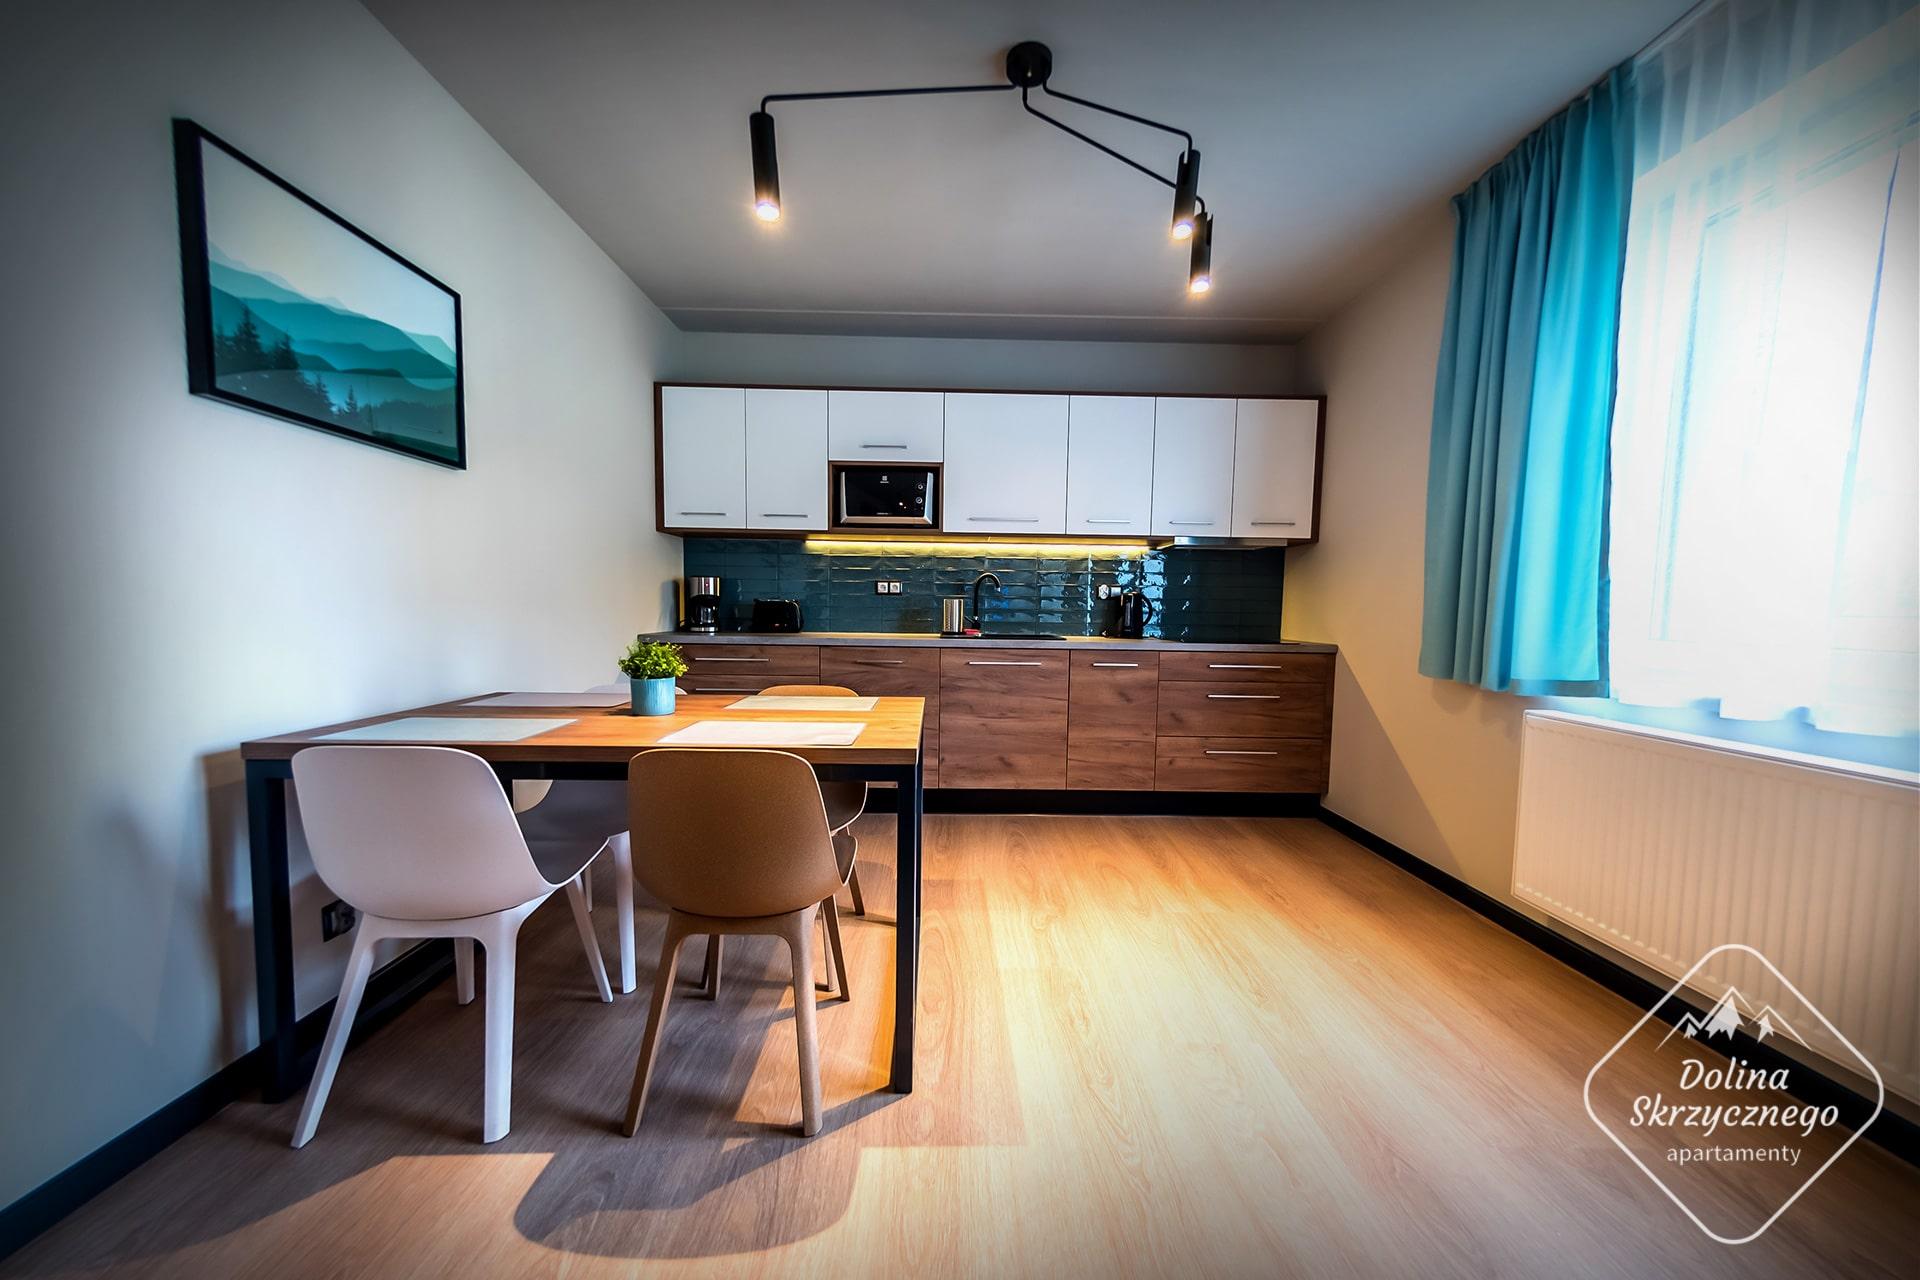 Apartamenty-Dolina-Skrzycznego-Szczyrk-04-01-Logo-min